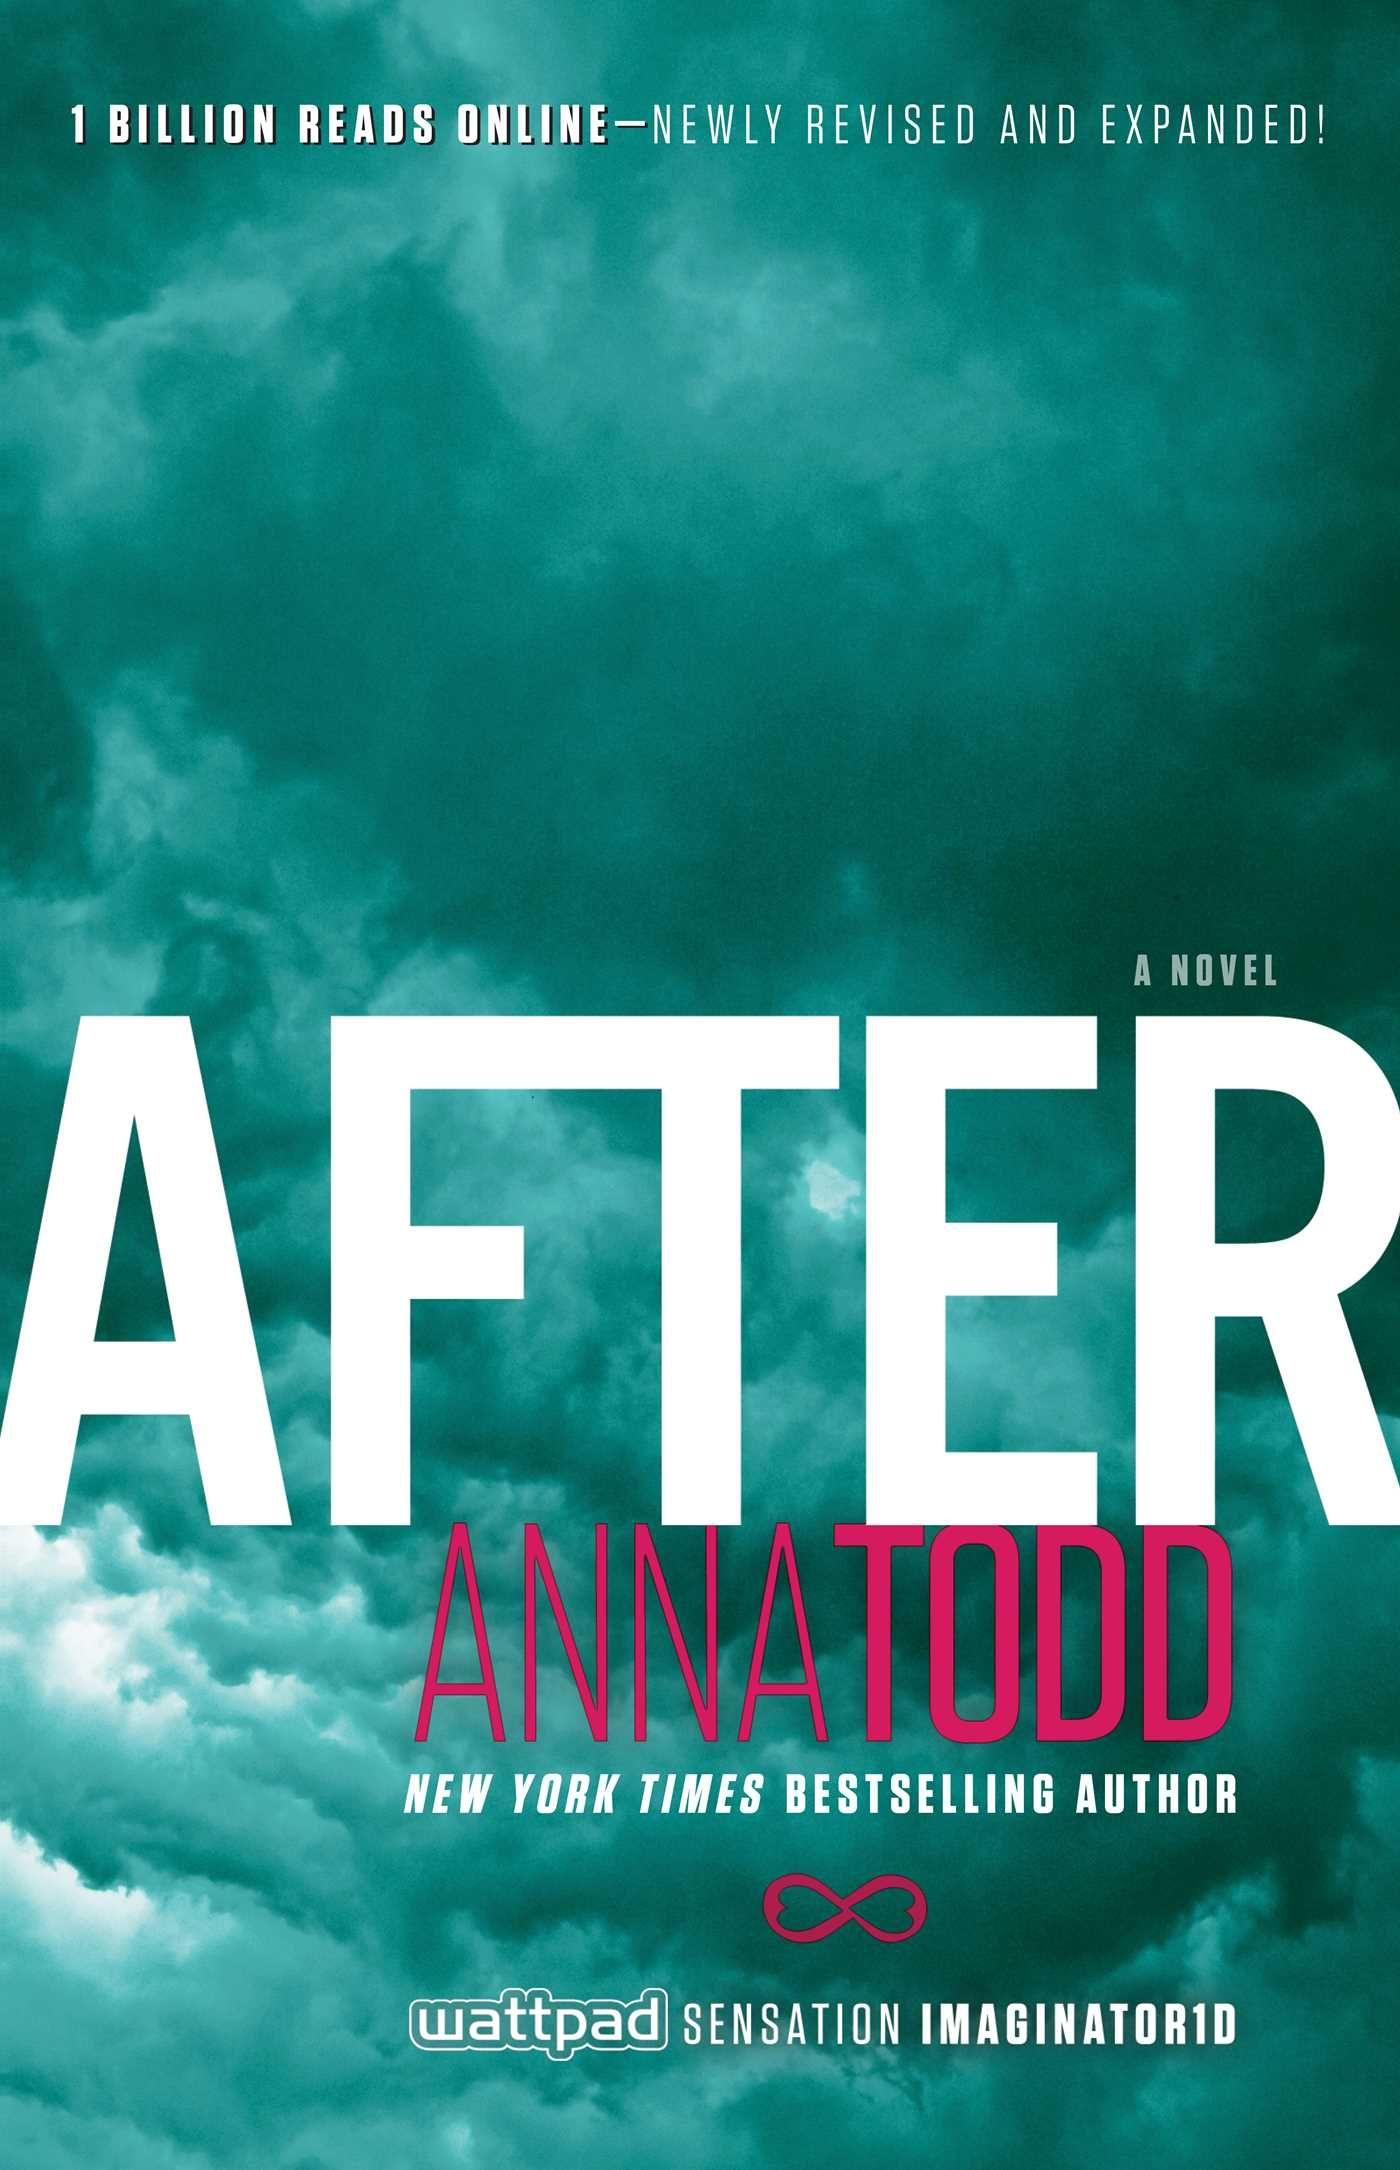 after-book-anna-todd